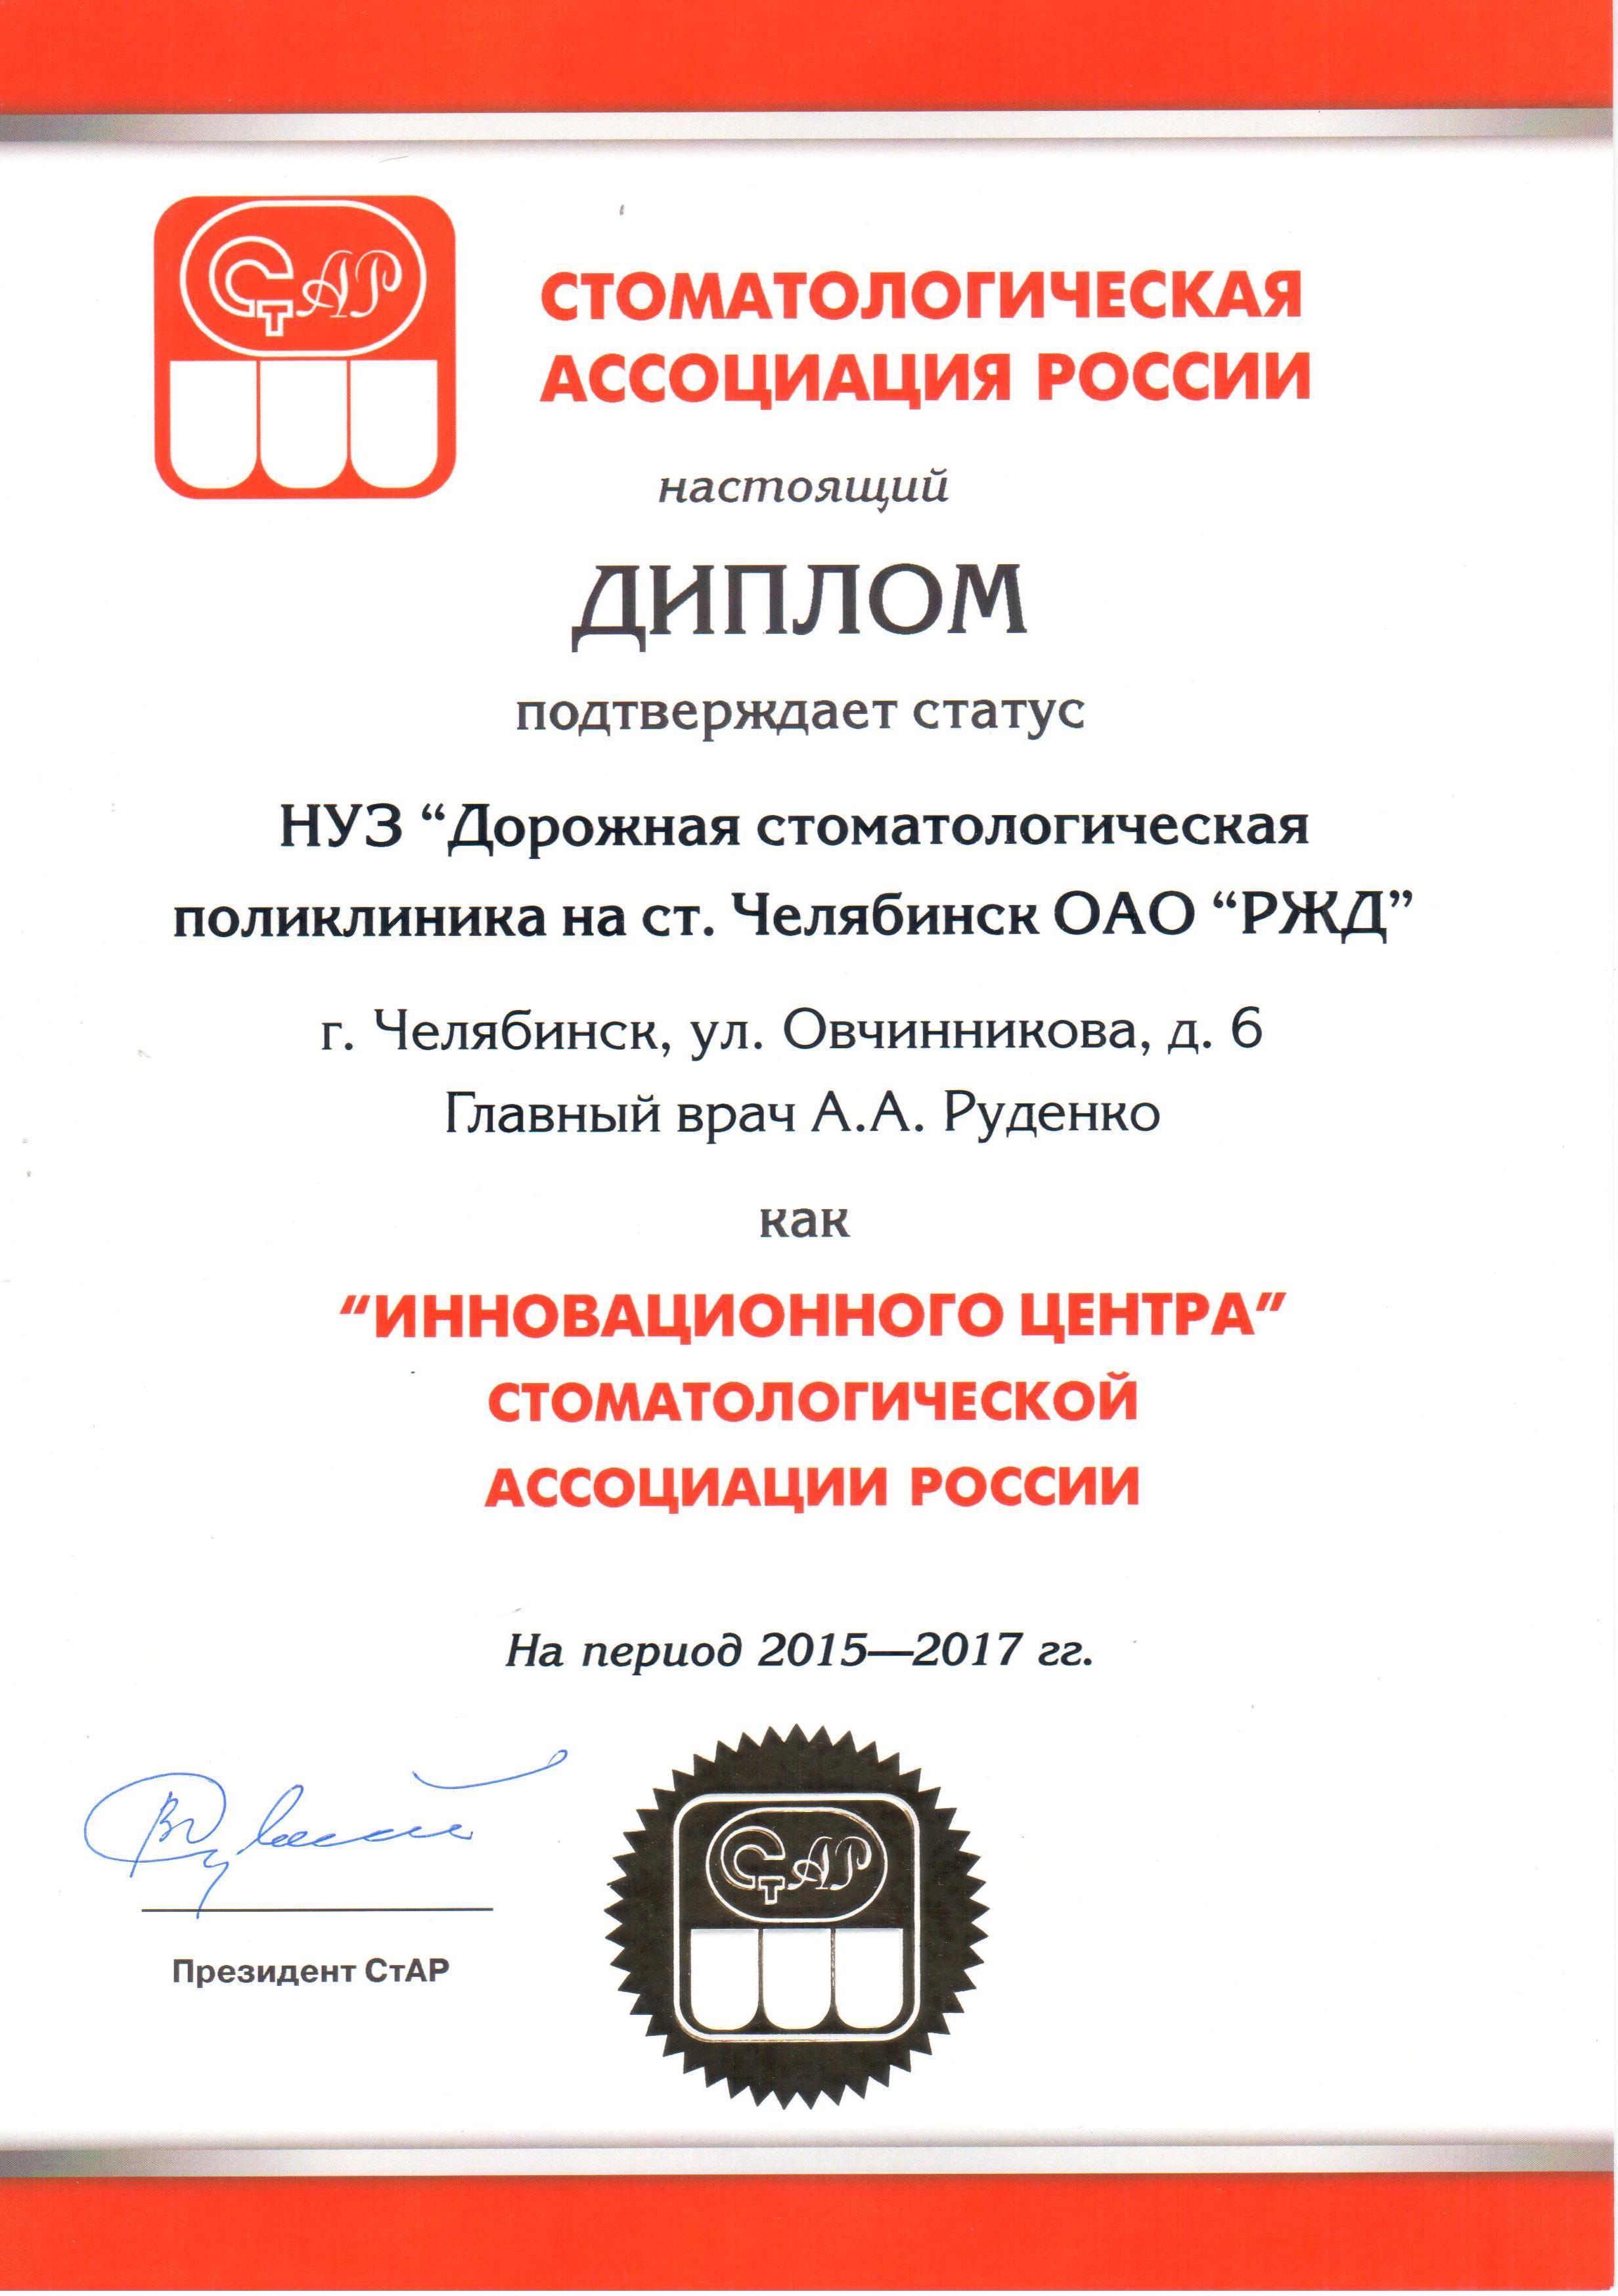 Лицензии и награды Дорожная стоматология Челябинск  ДИПЛОМ Инновационный Центр СтАР